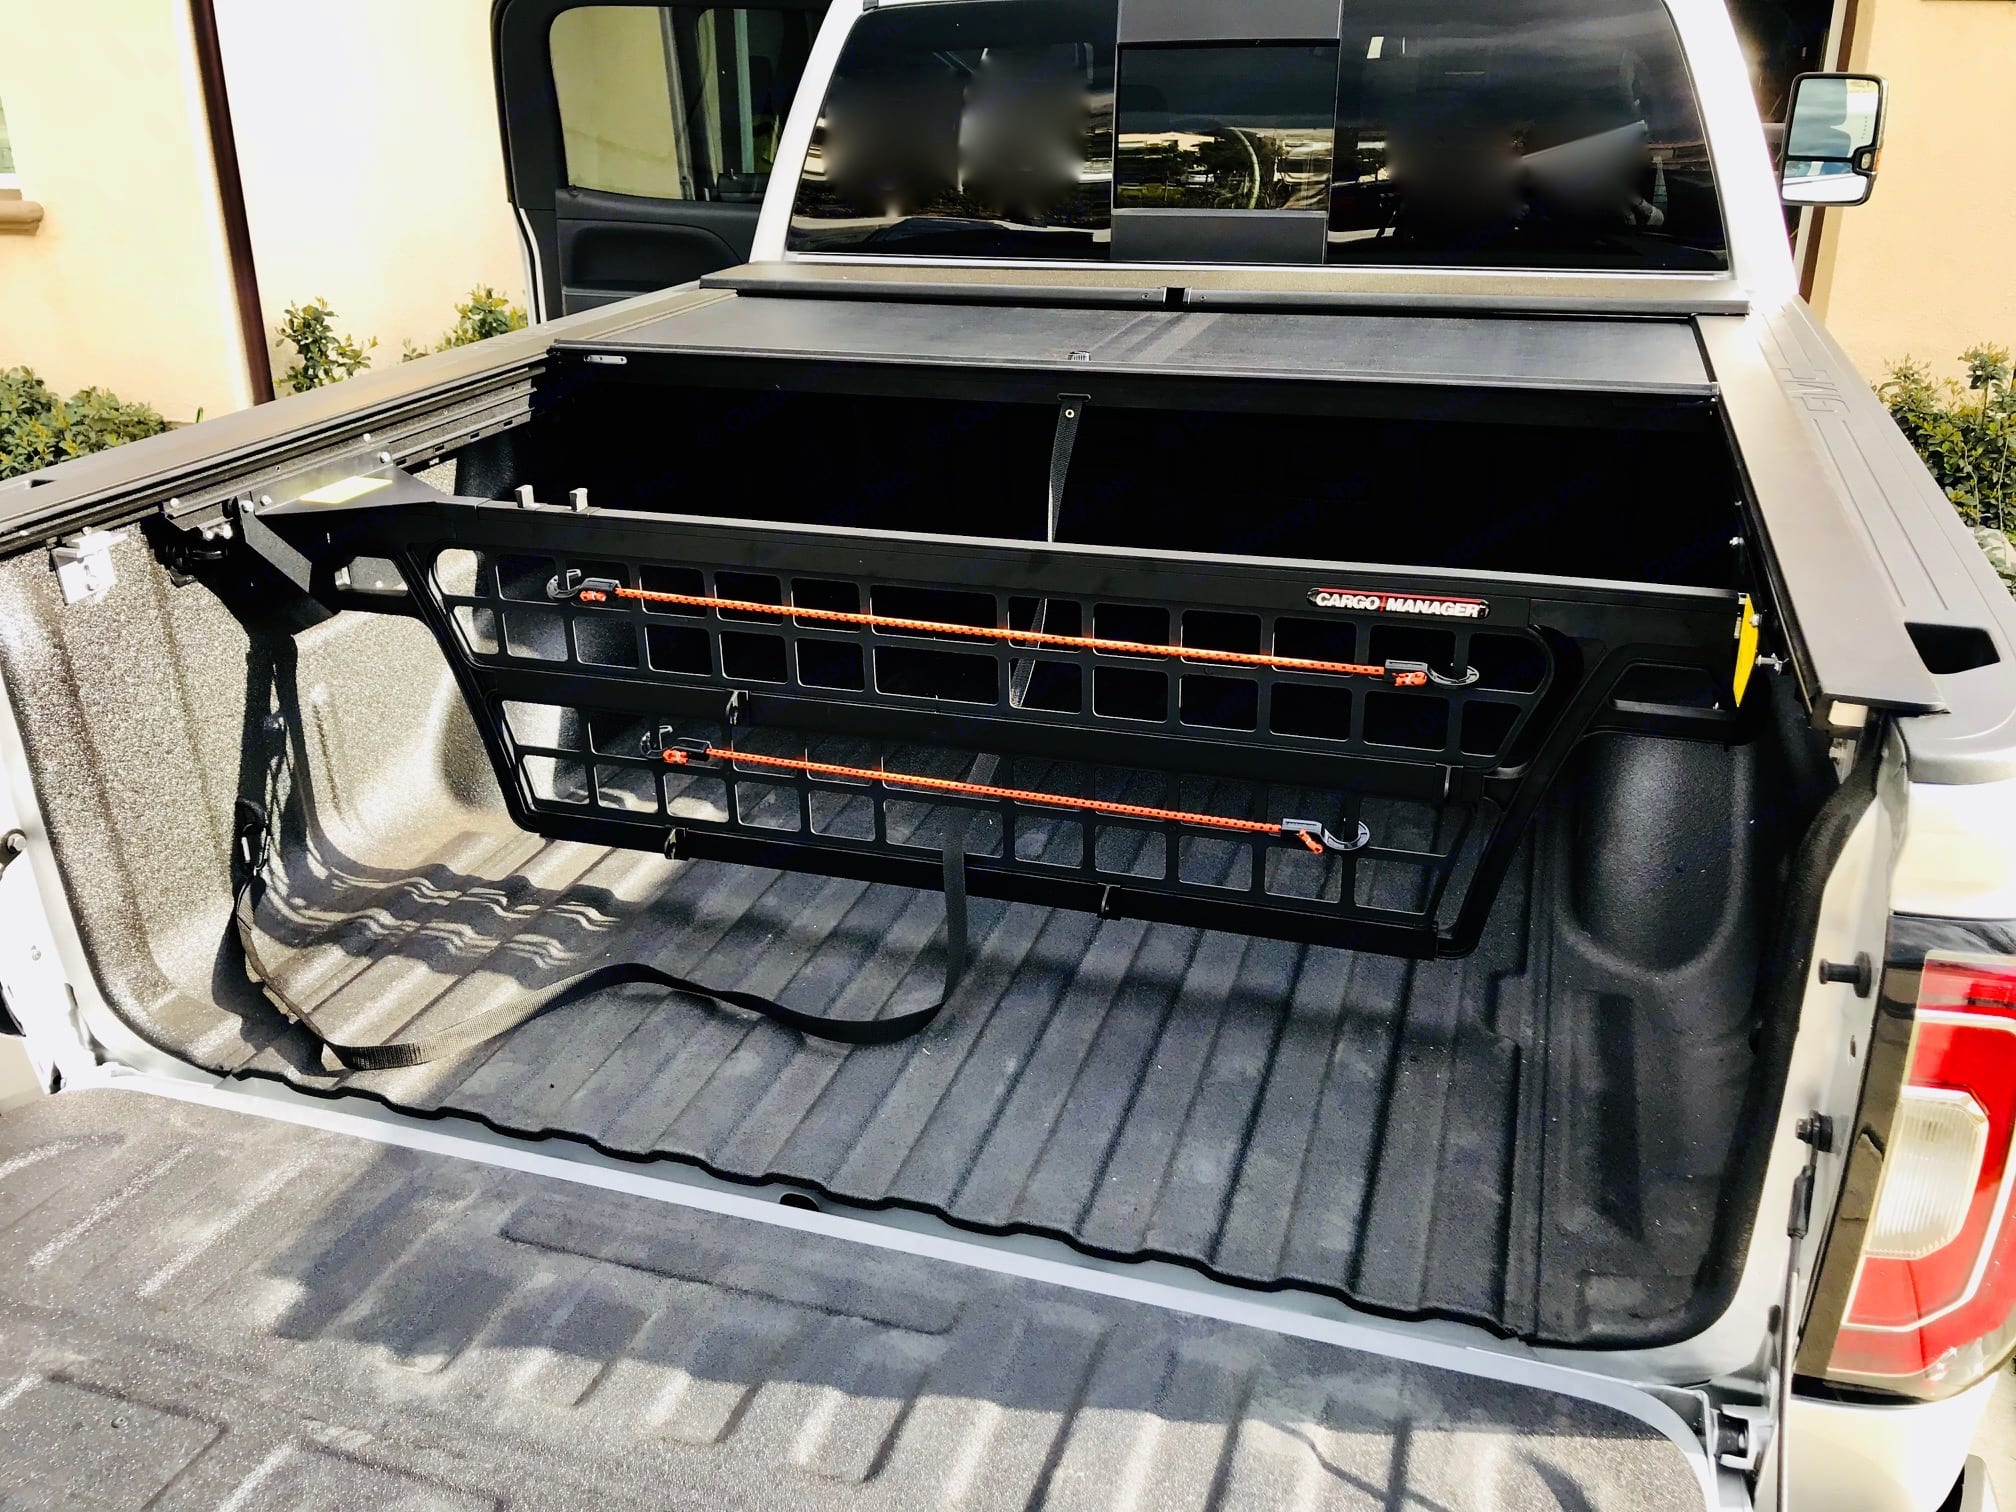 GMC Sierra 1500 4WD Cew Cab Short bed SLT 2018